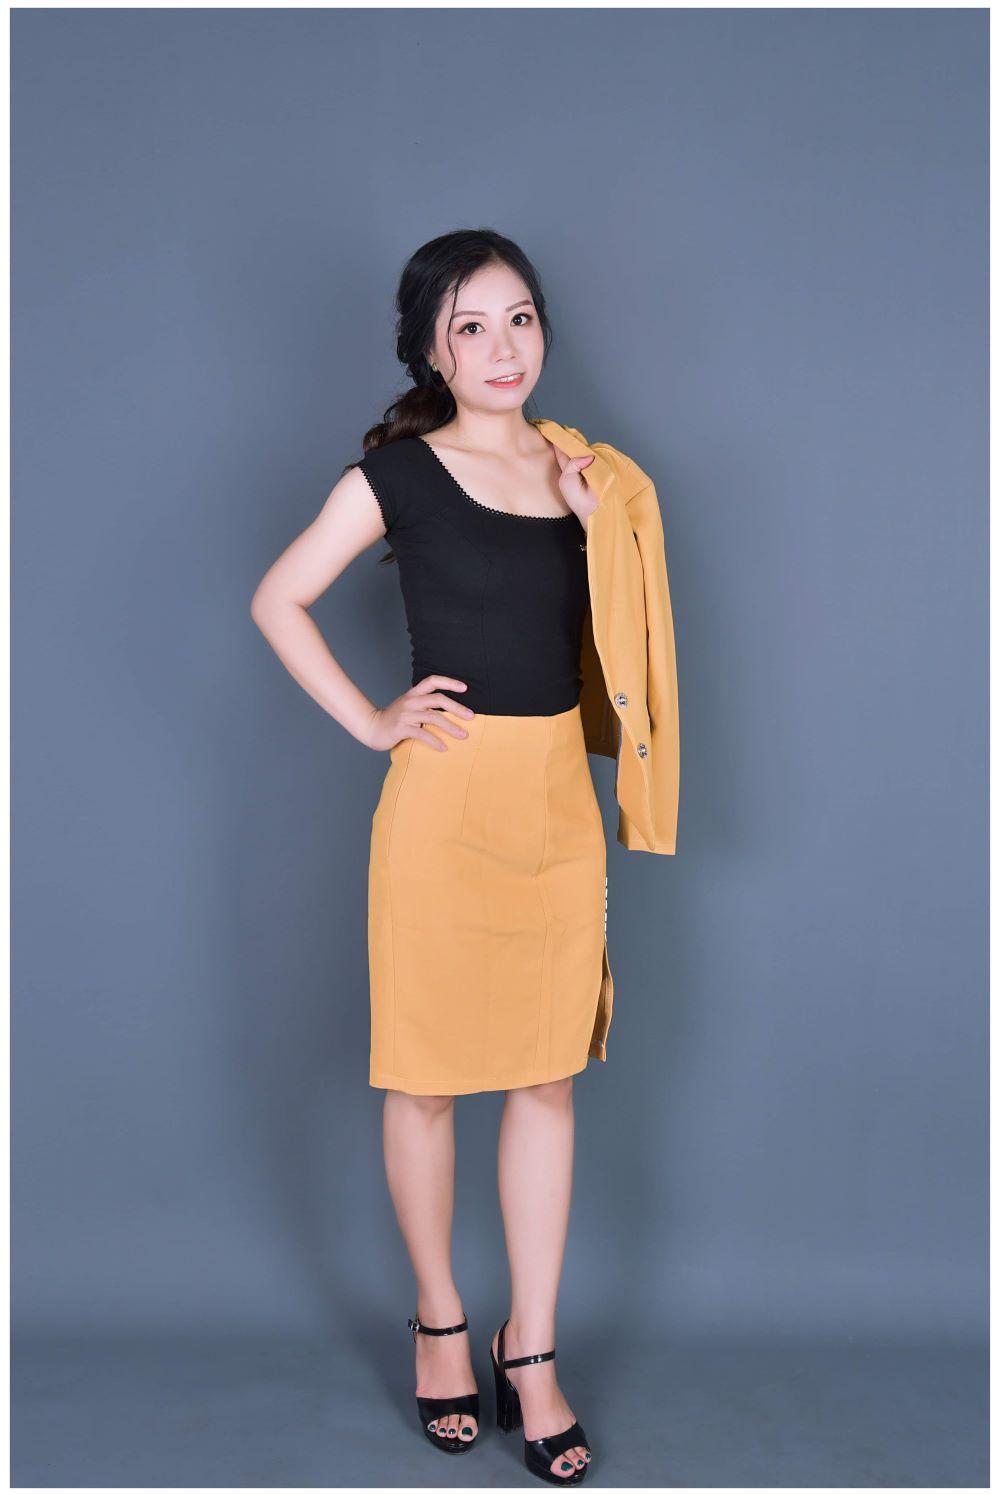 Chân dung nữ doanh nhân Trần Hồng Nhi